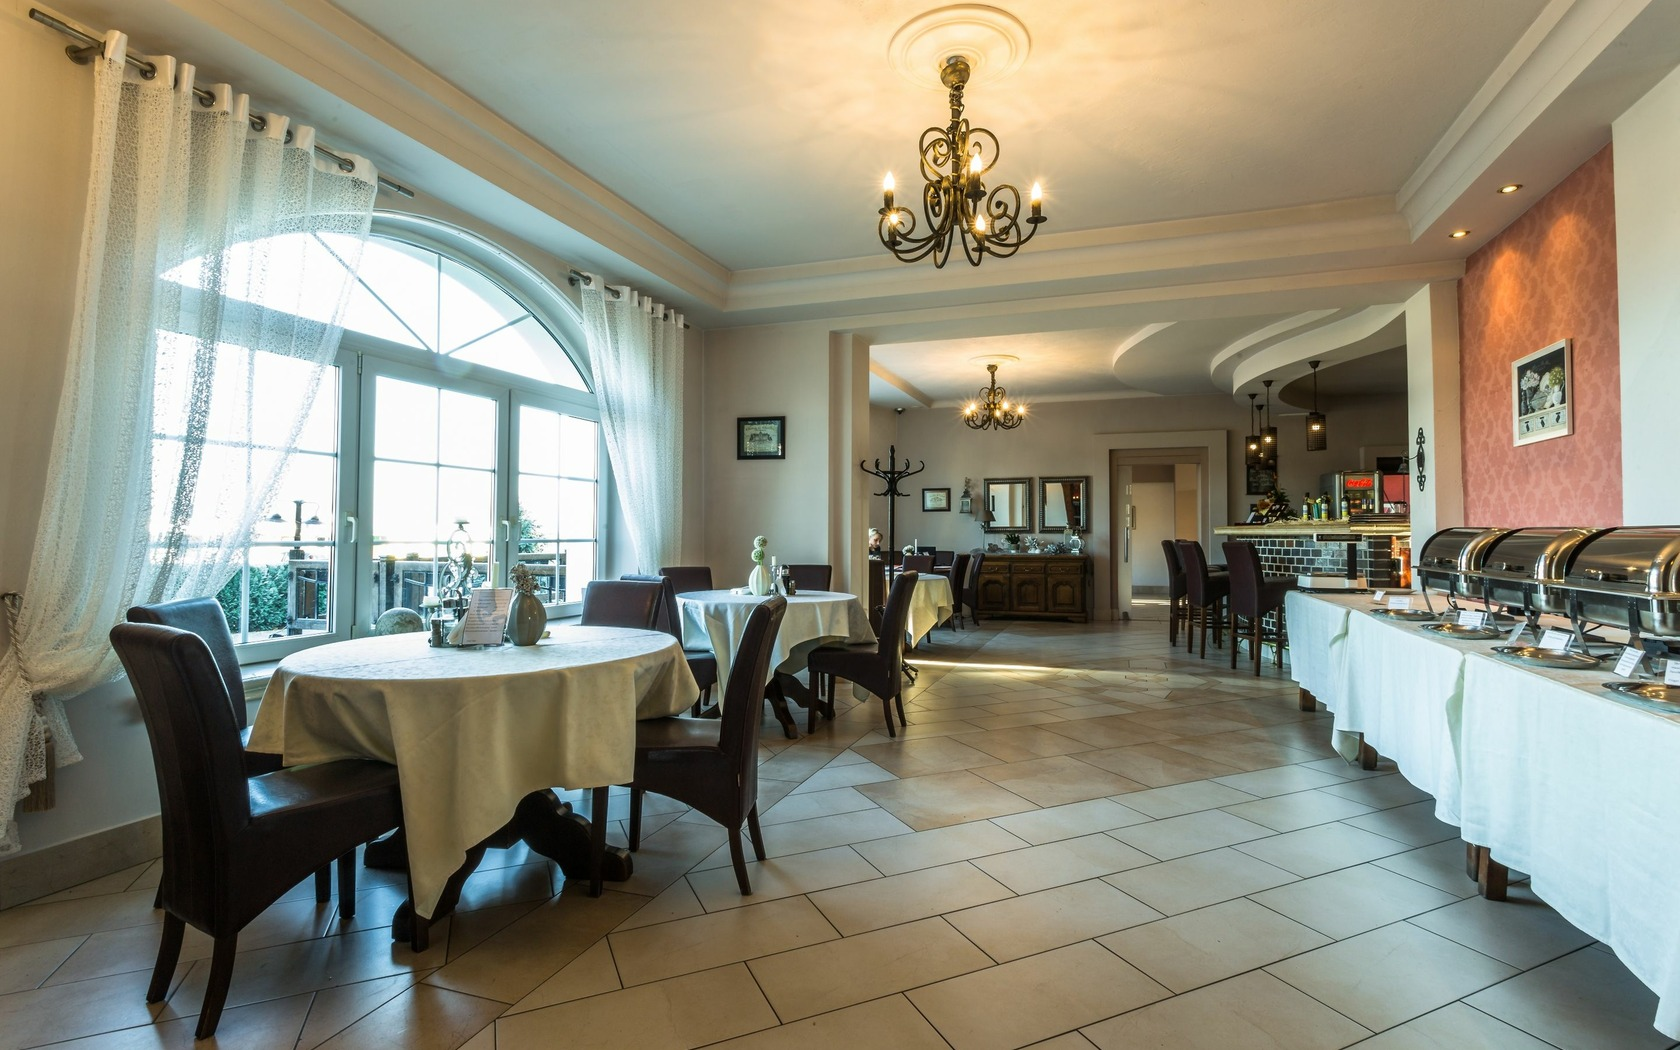 Restaurant im Hotel, Foto: Marketing und Tourismus Guben e.V.